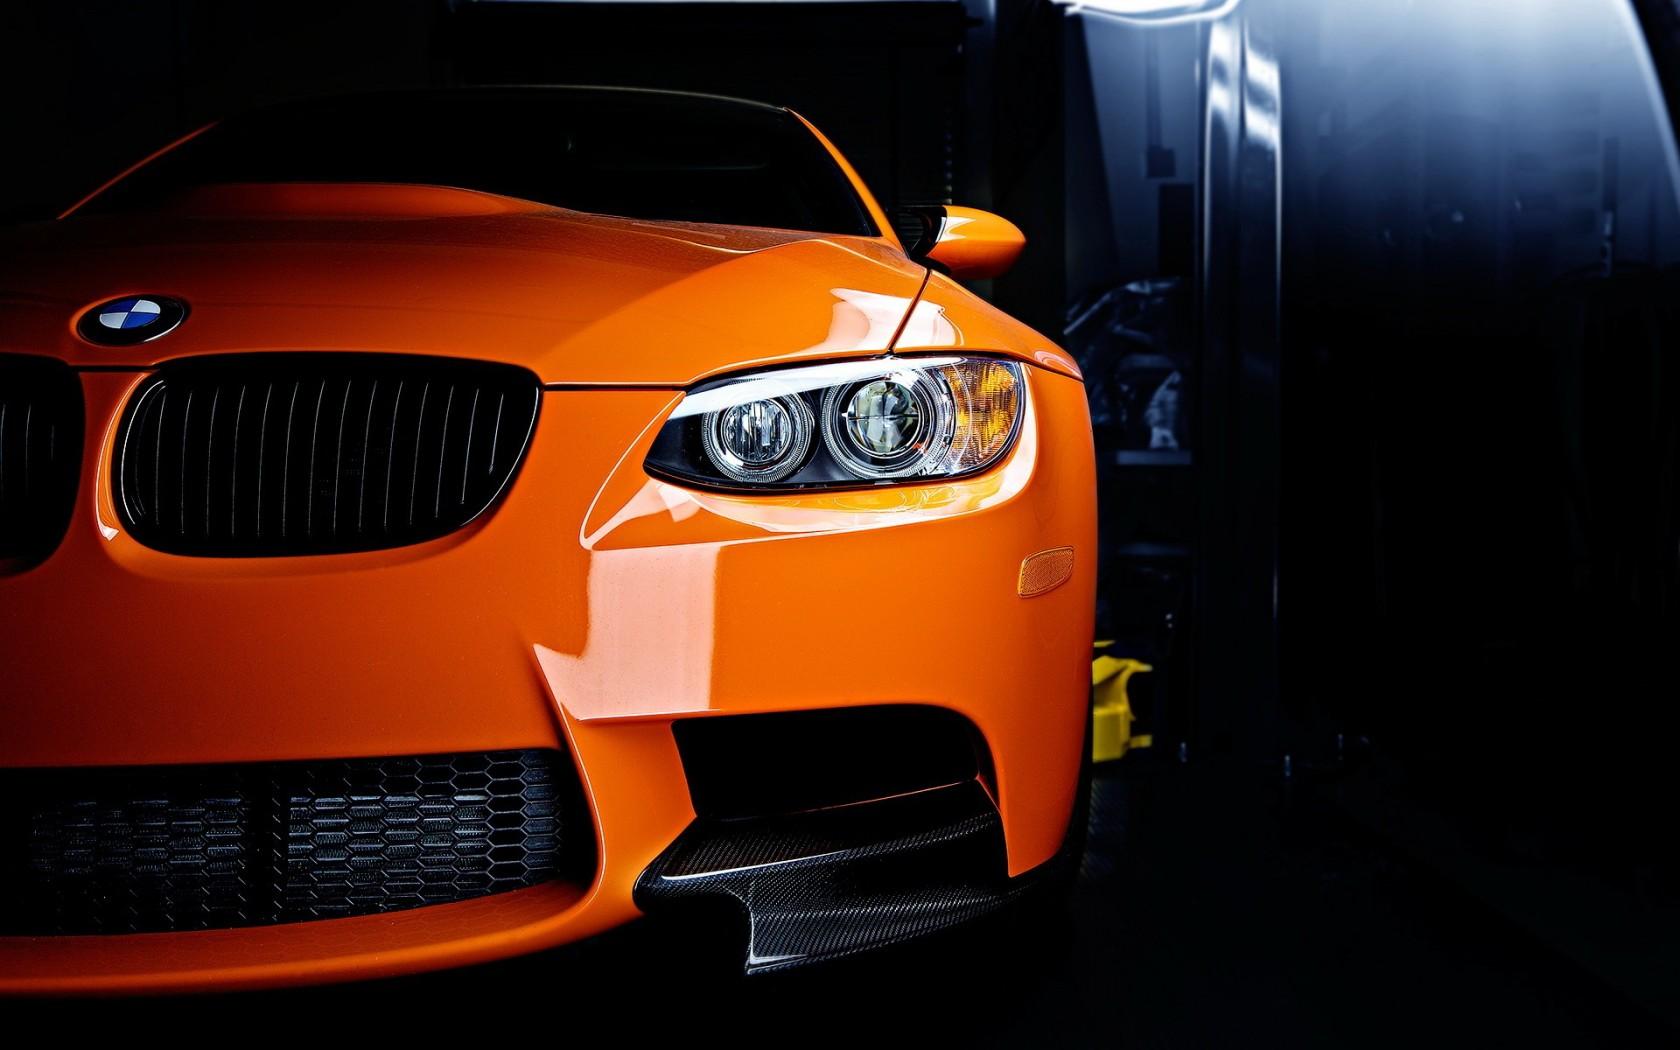 orange BMW wallpapers, обои для рабочего стола бэха, скачать бесплатно, оранжевая БМВ, car wallpaper, оранжевая машина